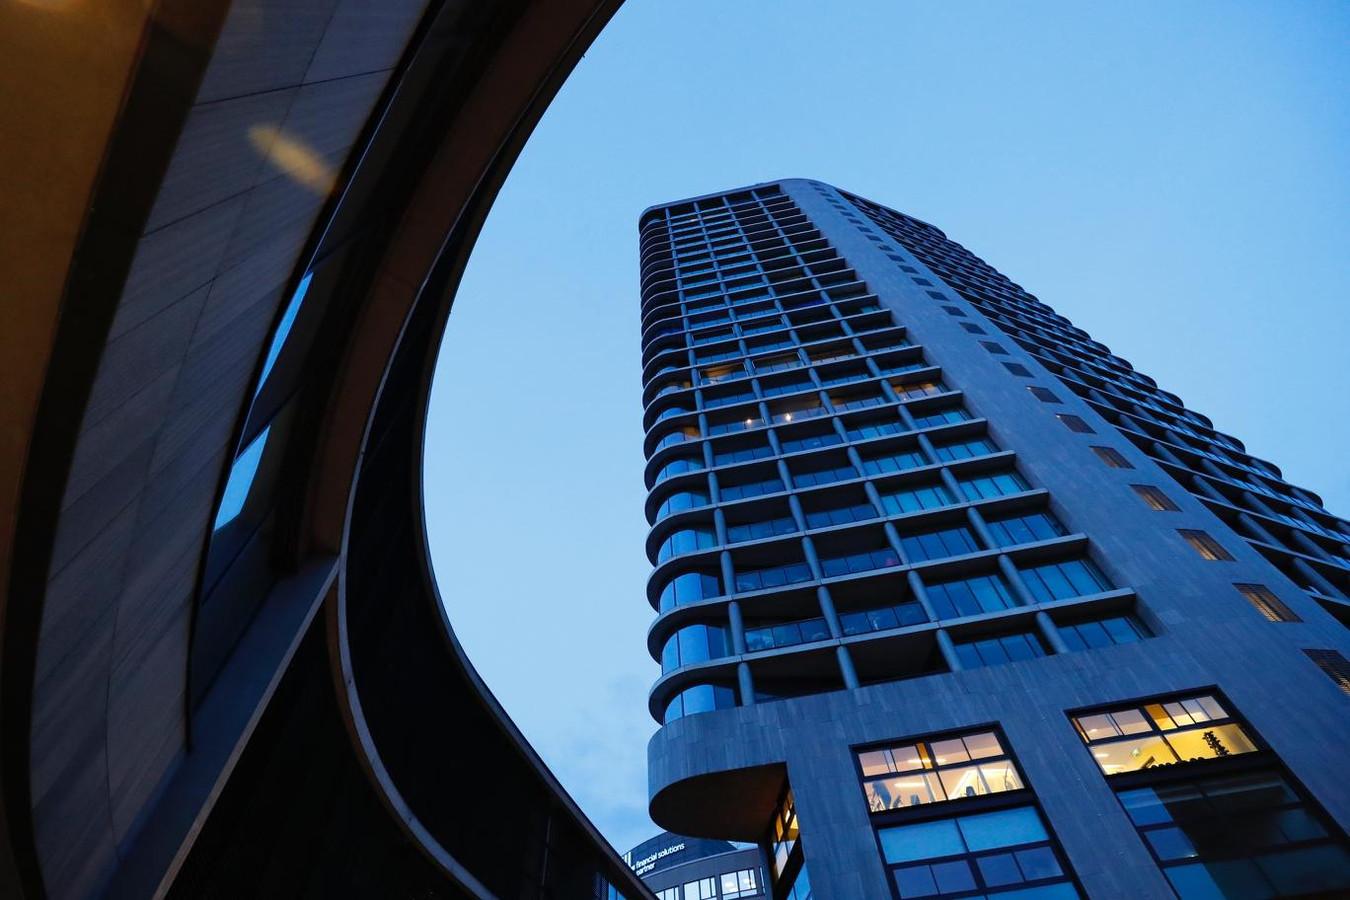 Met de bouw van onder meer de Vestedatoren heeft Eindhoven jaren geleden al voor hoogbouw gekozen.